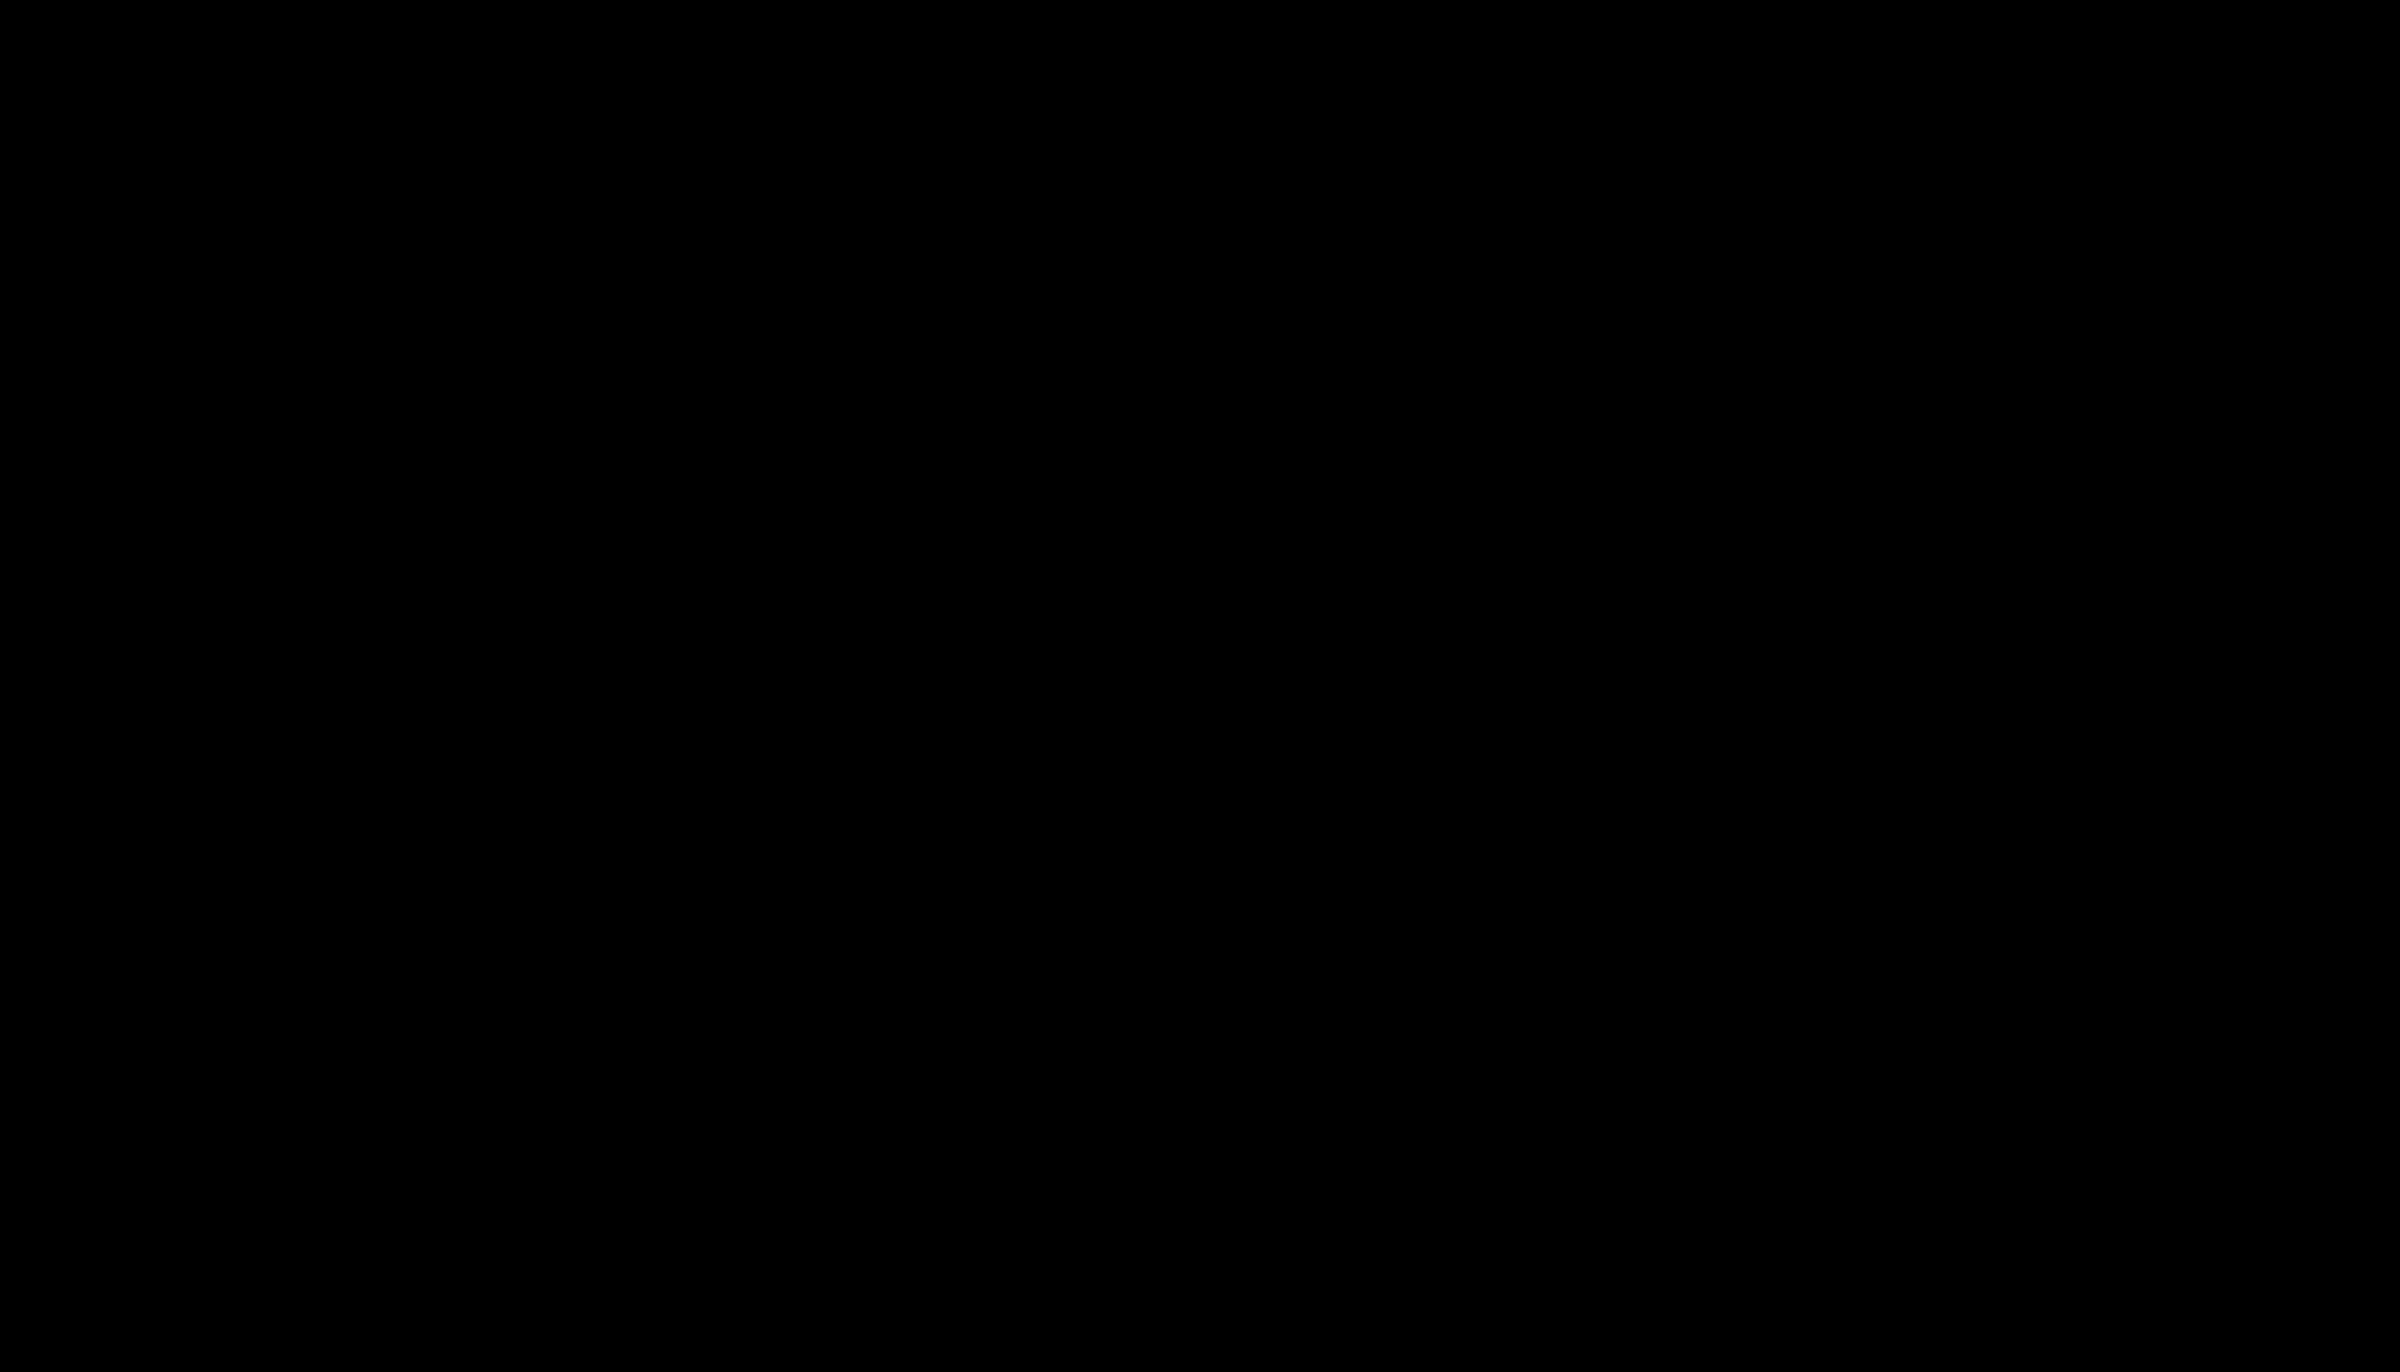 BIG IMAGE (PNG) - Cancer PNG